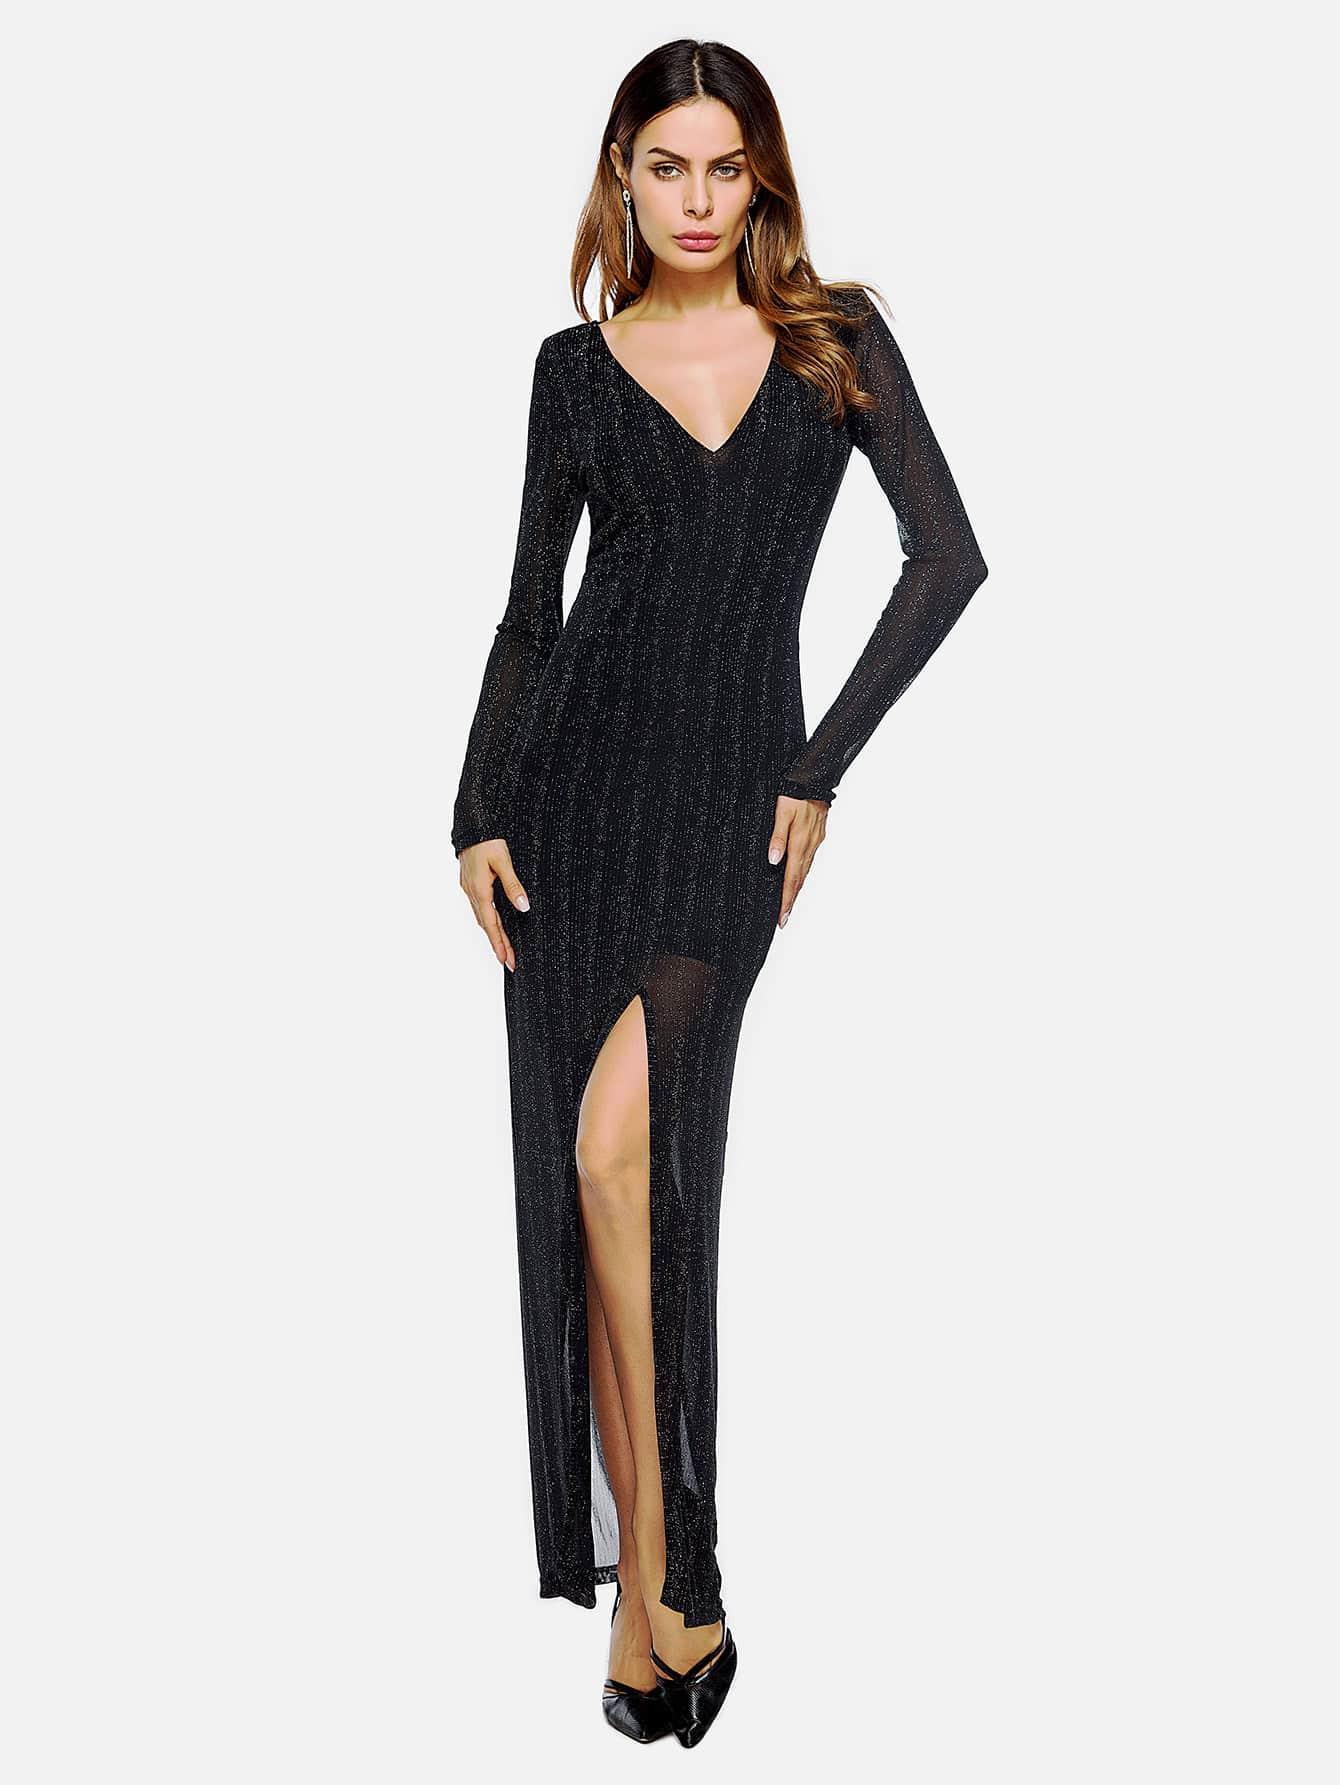 V Neckline Side Split Mesh Dress dress171026372